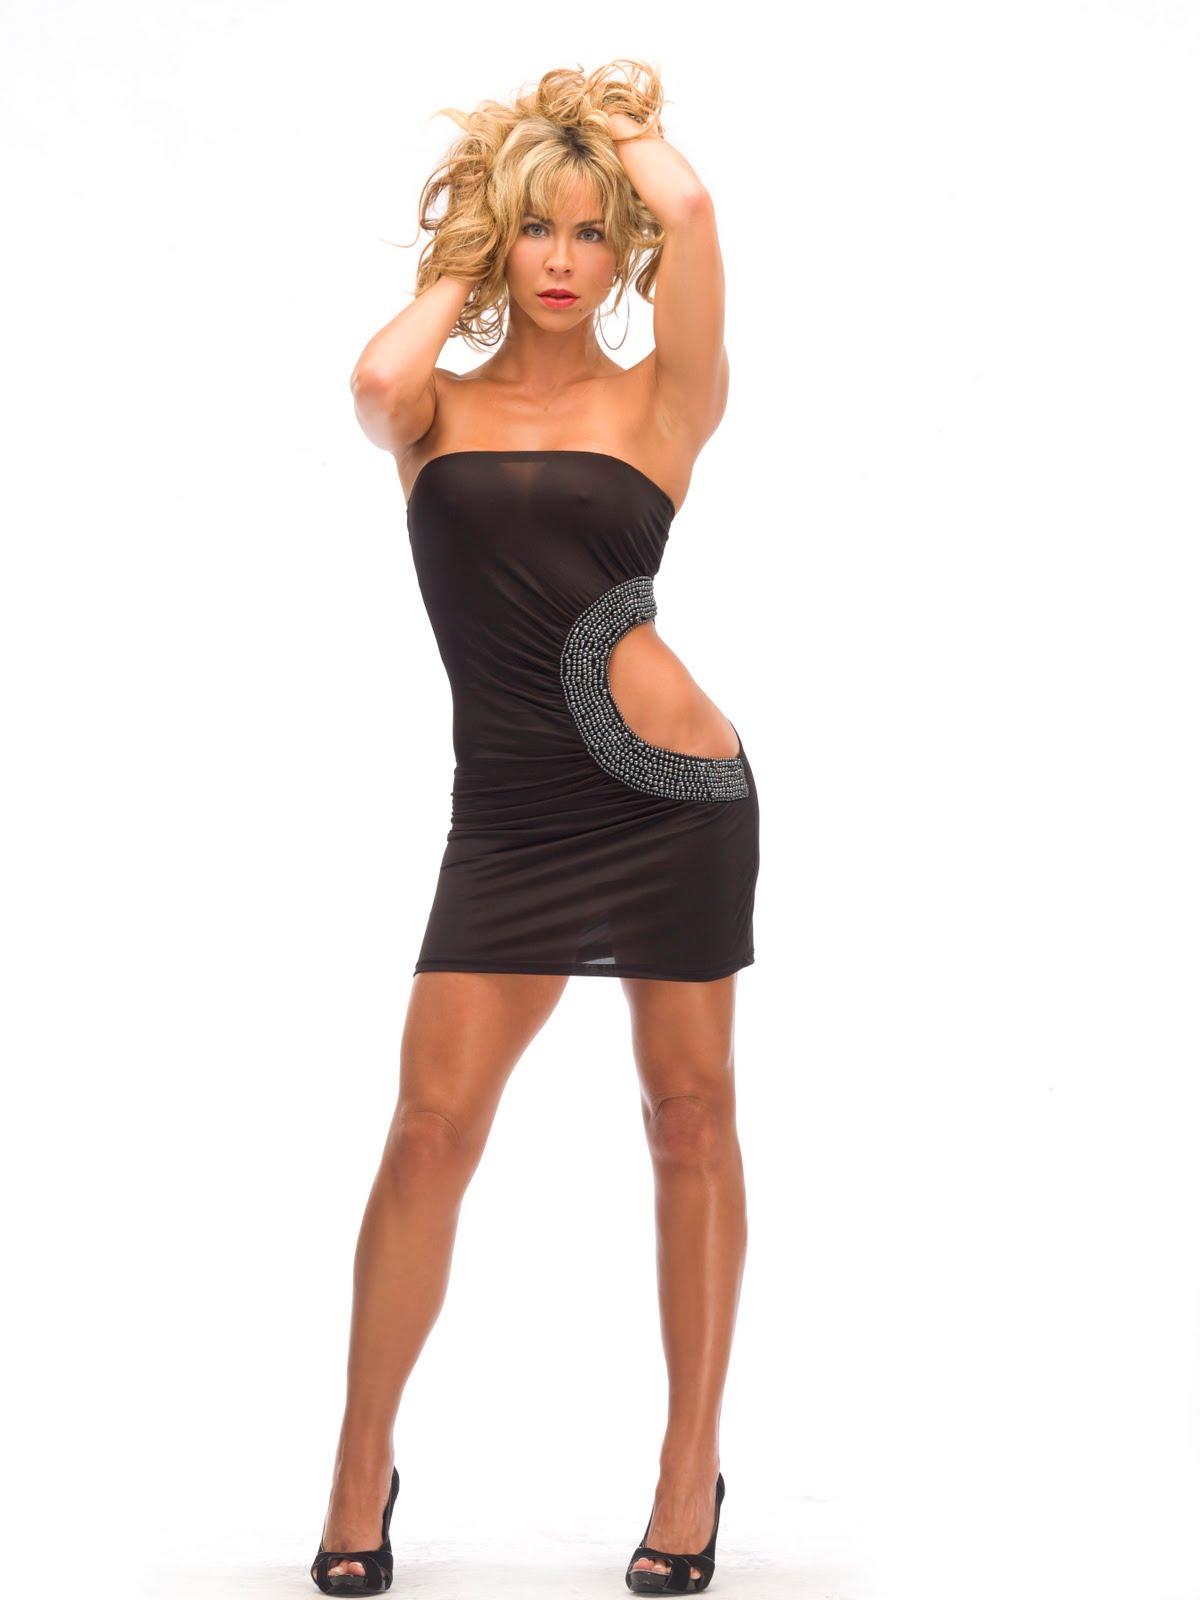 http://1.bp.blogspot.com/_5hIjyMfEIO0/SwqtKKVoJyI/AAAAAAAAIIA/-6NThJ60wz4/s1600/Aylin_Mujica_como_Lorena_01.jpg